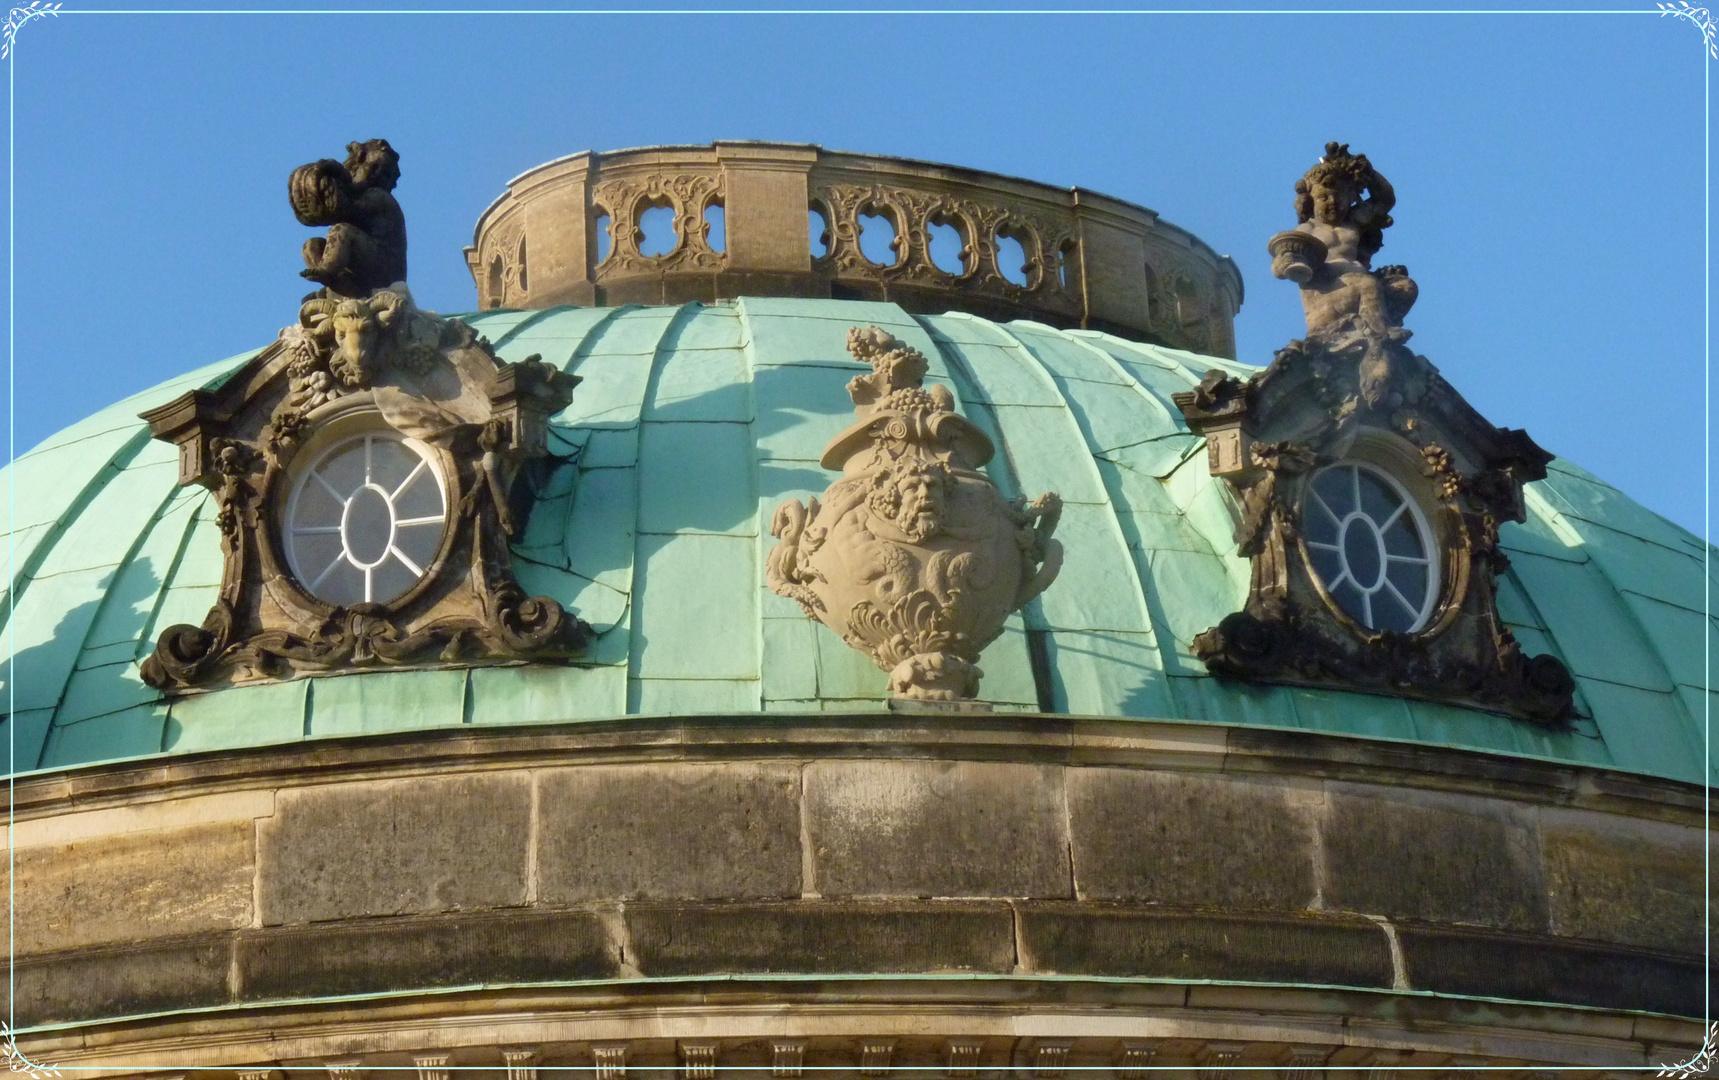 Das Kuppeldach des Mamorsaals von Schloss Sanssouci !